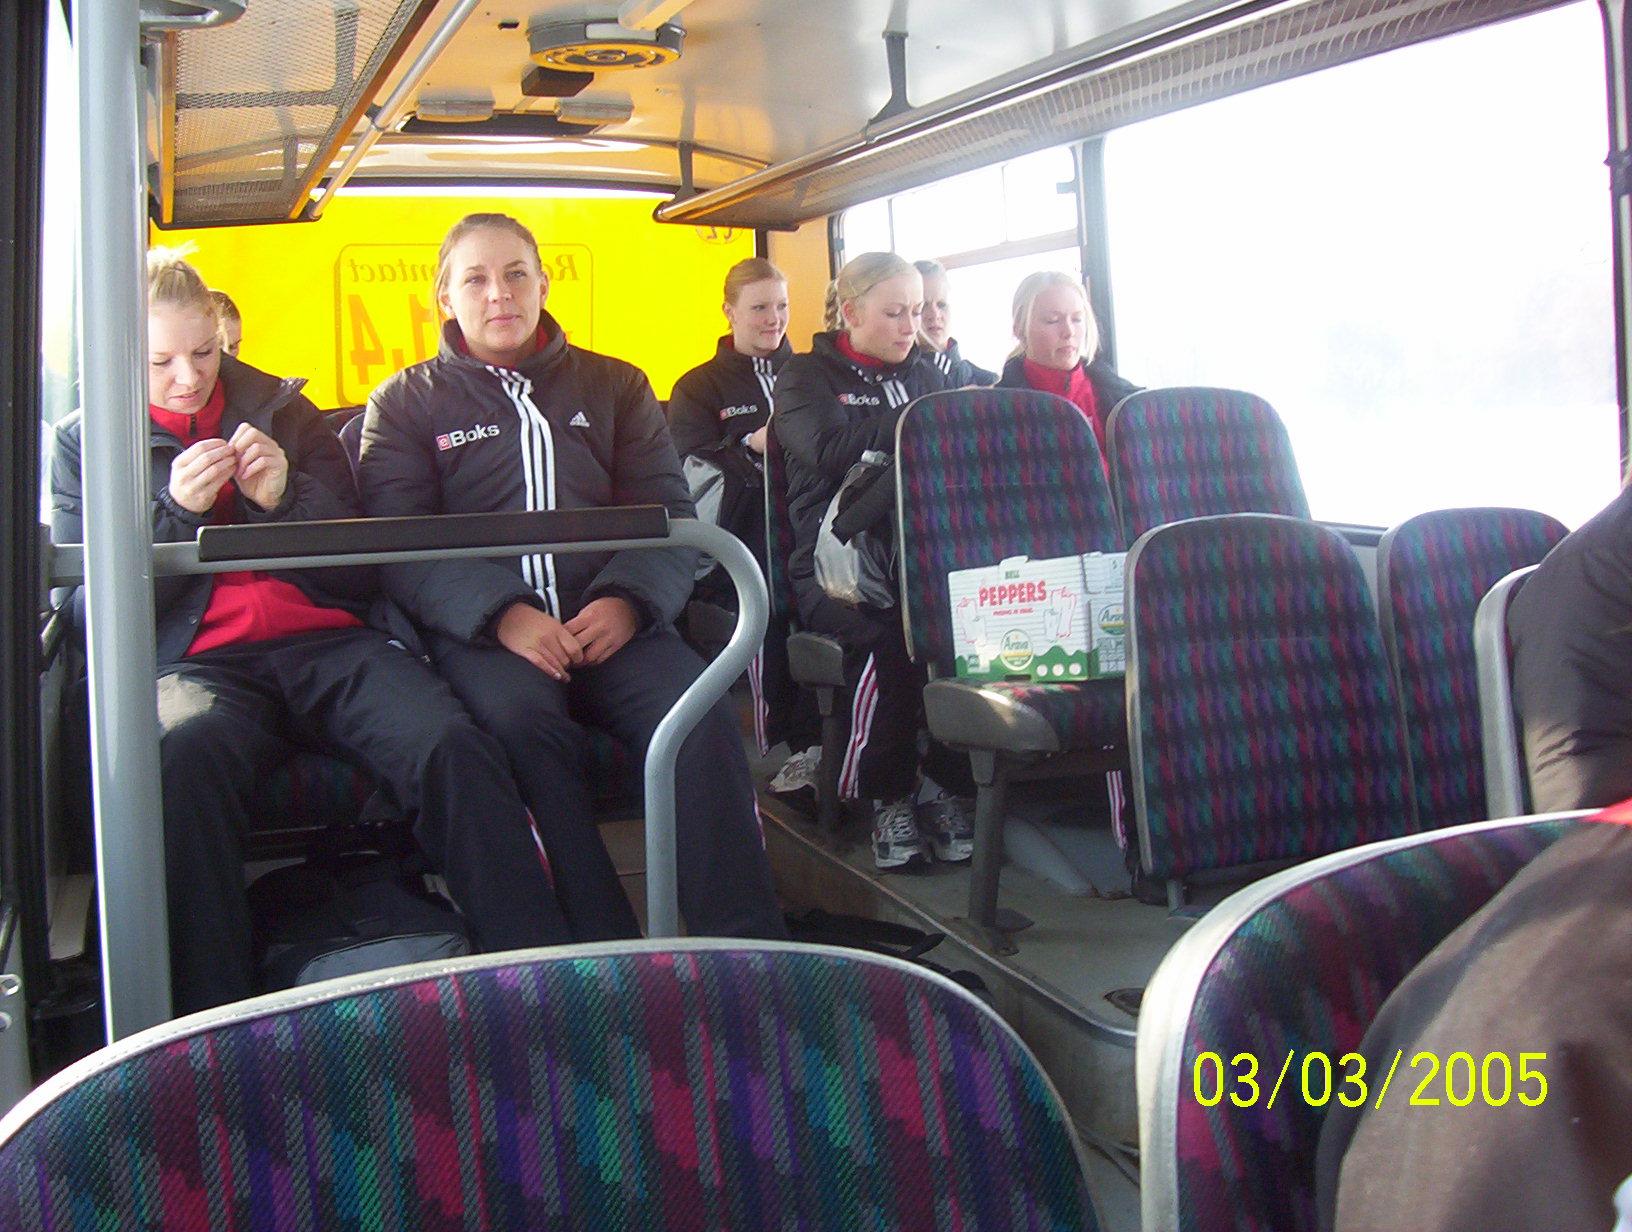 vejrpige tv2 bus 888 blå billet